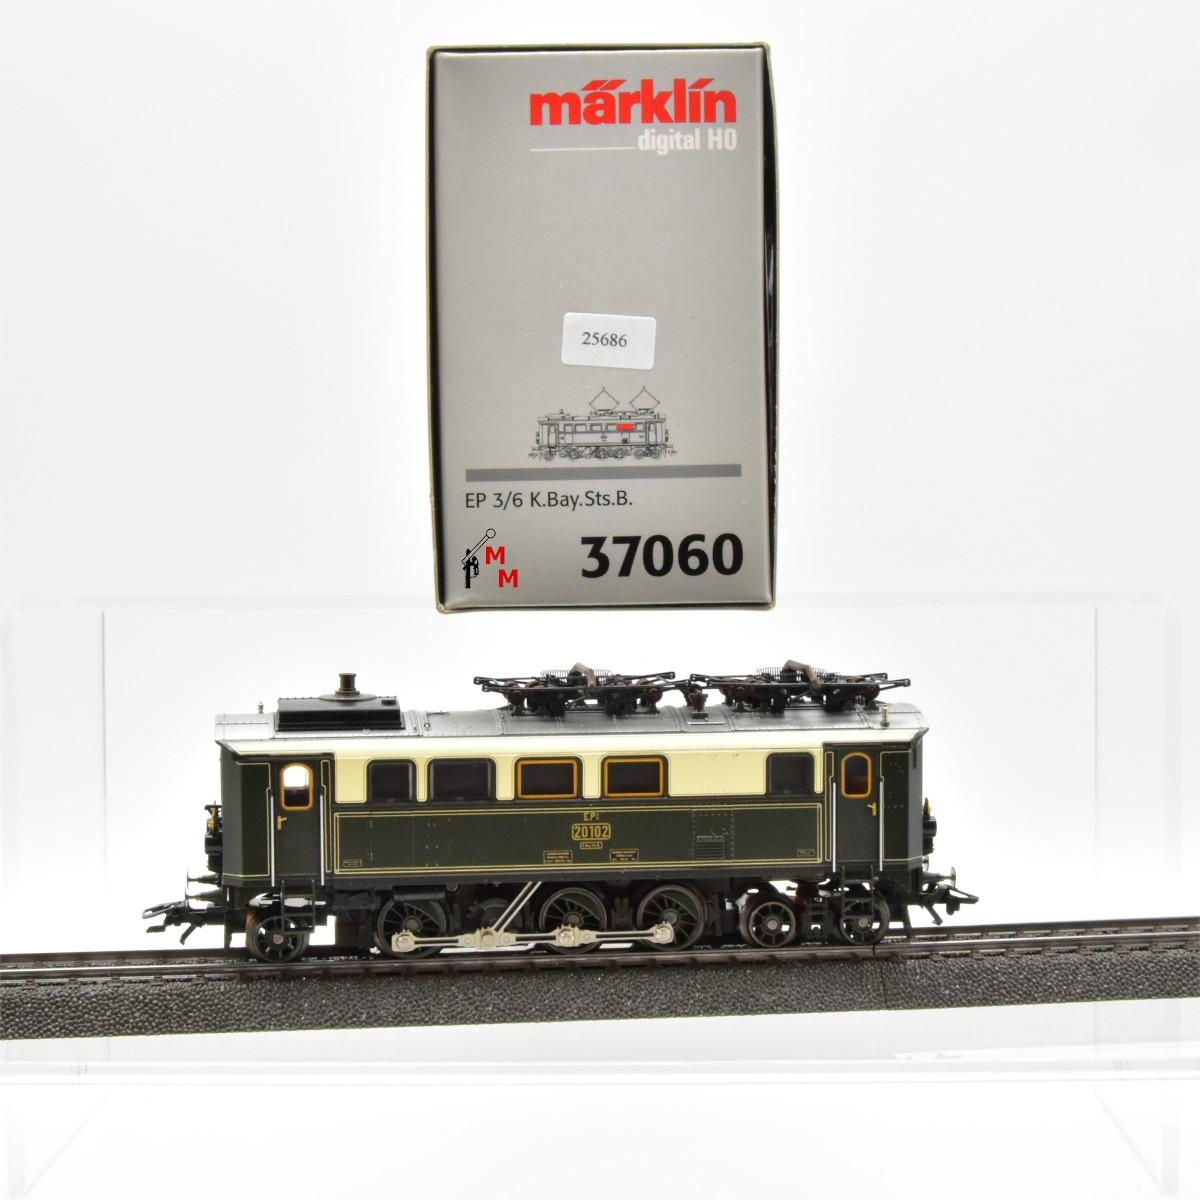 Märklin 37060 E-Lok BR EP 3/6 der K.Bay.Sts.B.,  (25686)